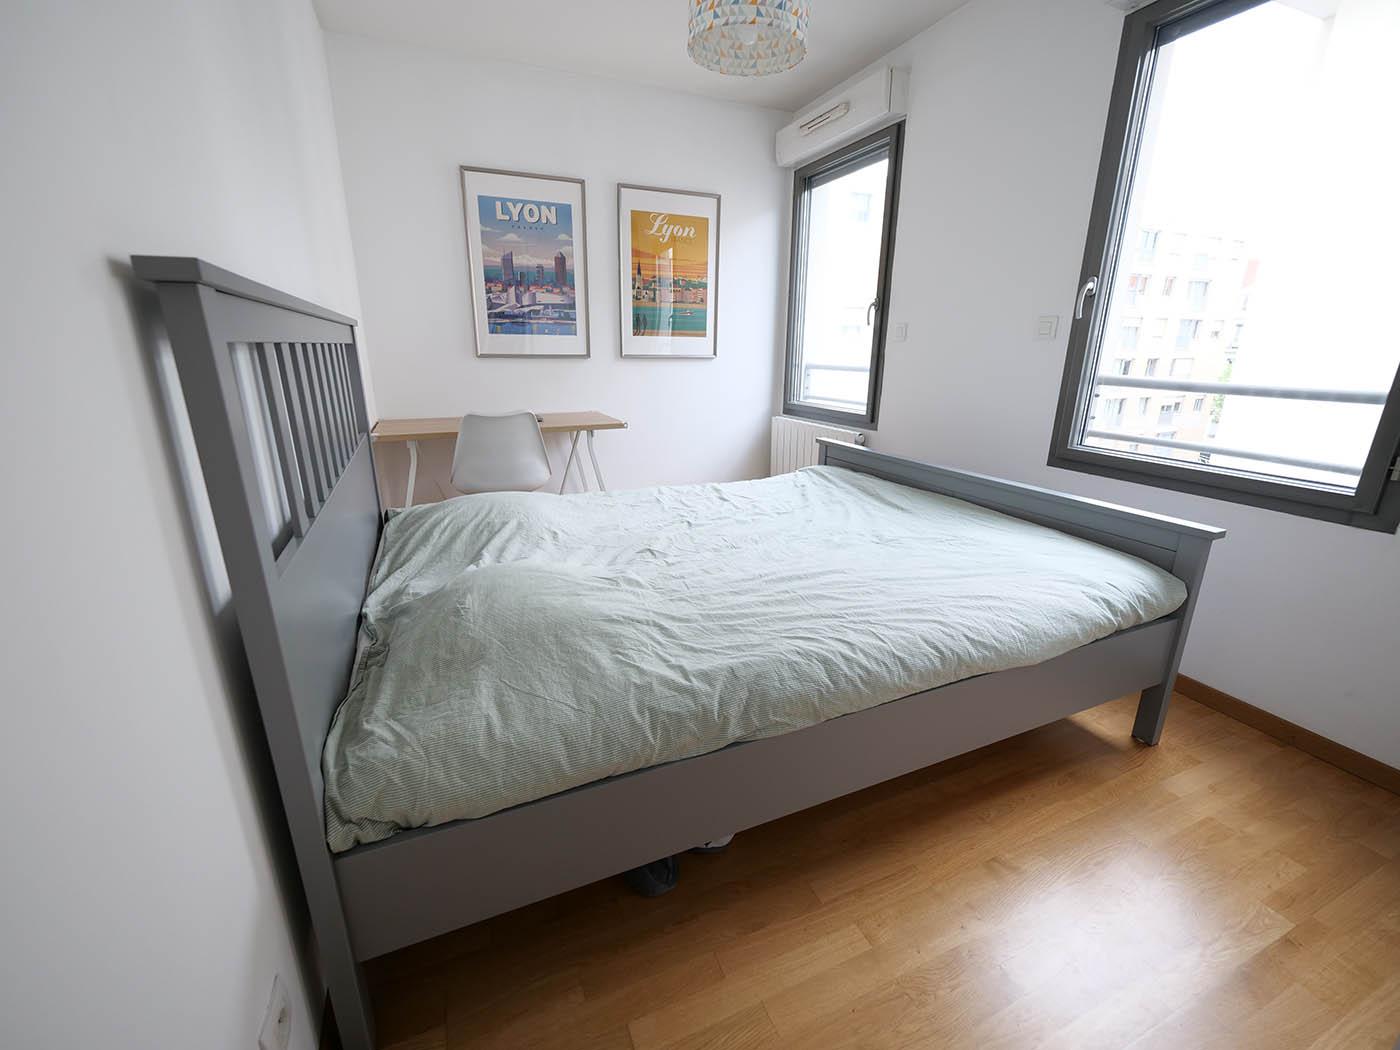 comment faire des photos d'une petite chambre pour vendre un logement